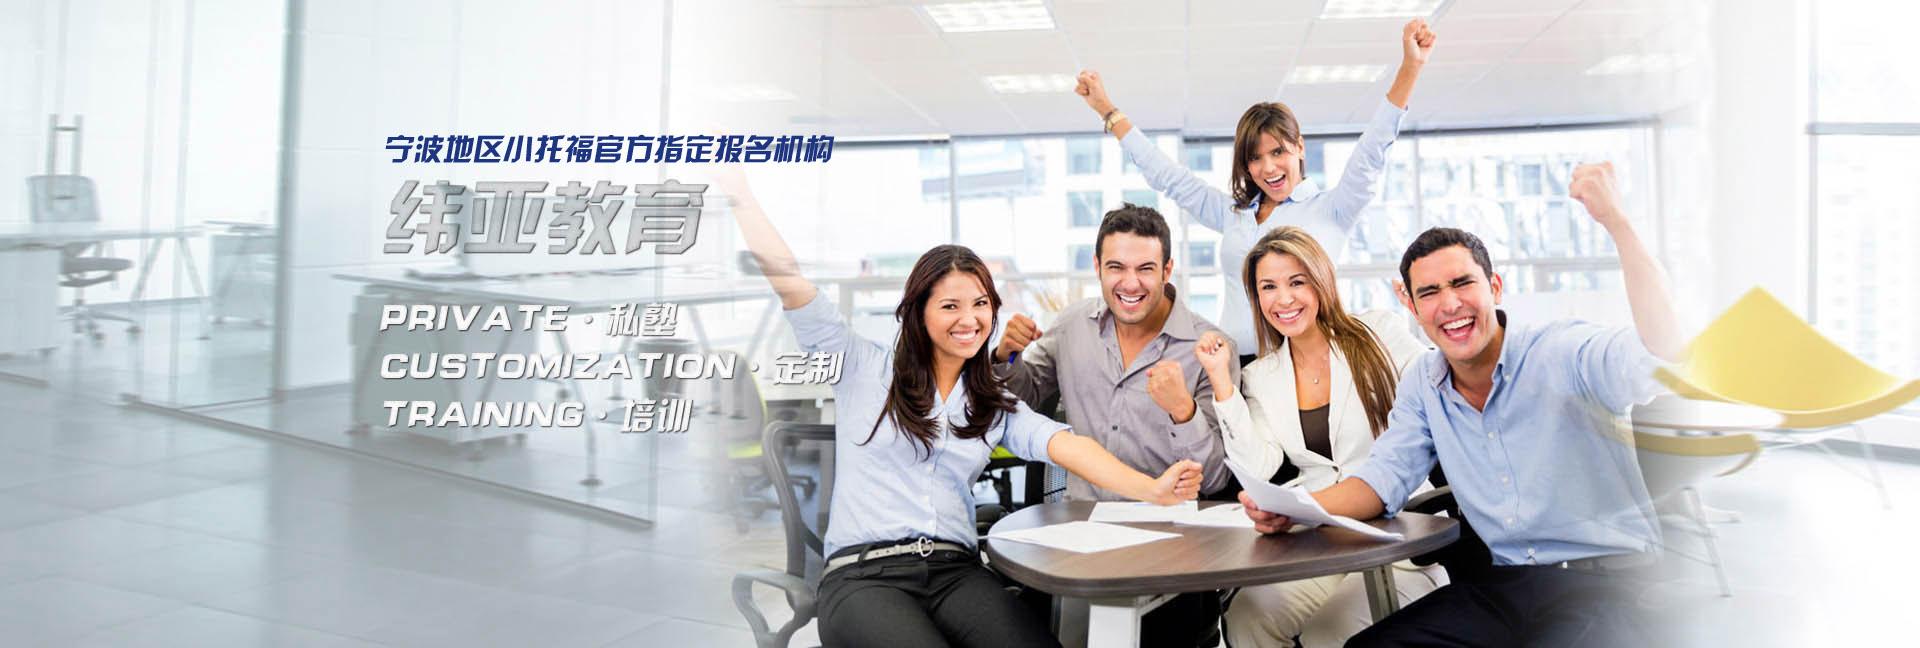 宁波中级商务英语BEC培训班